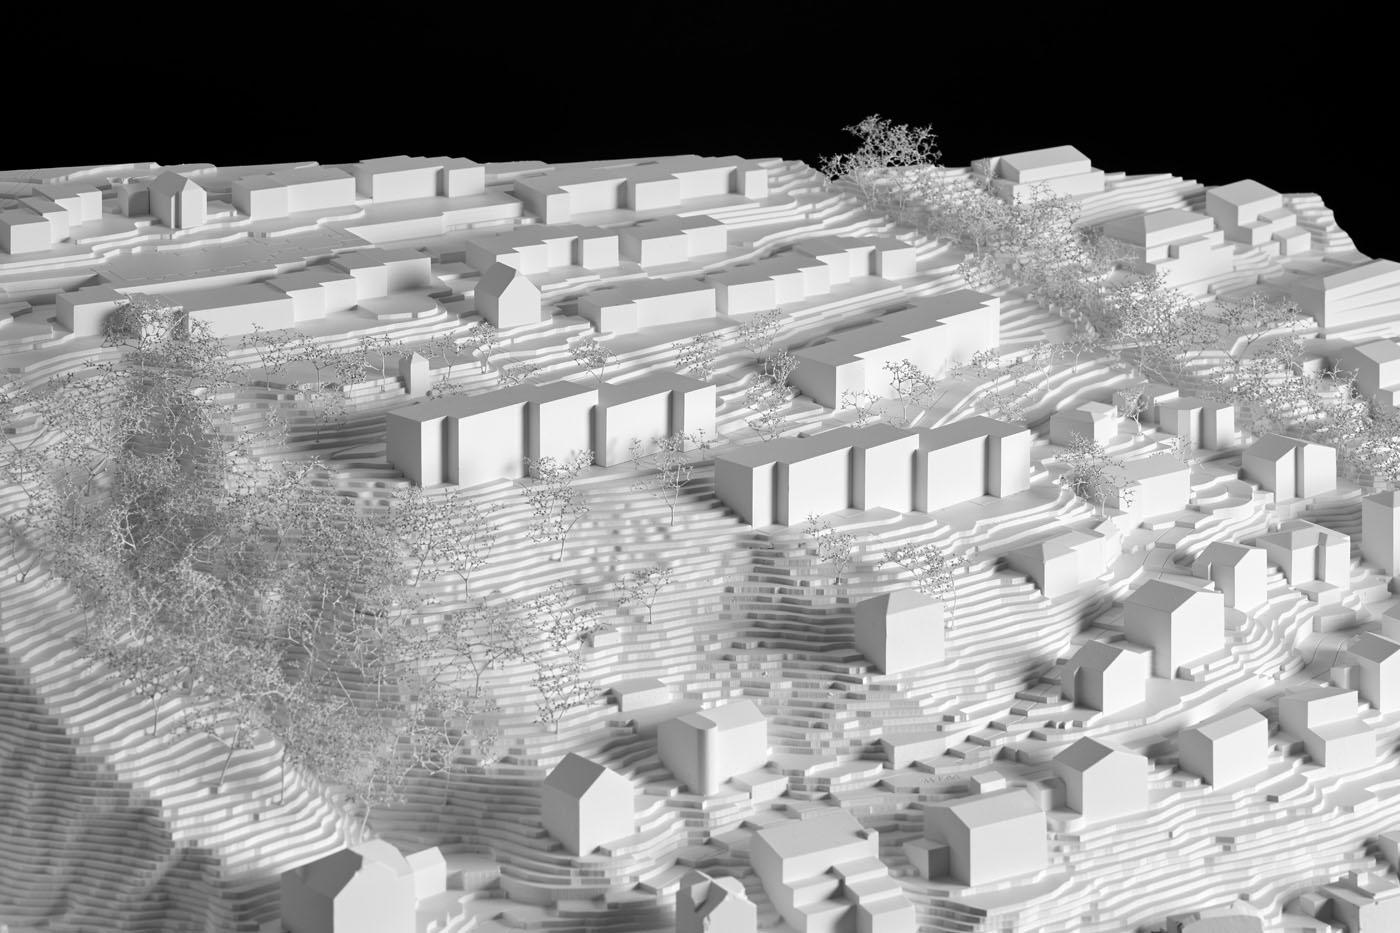 buan architekten – Projektwettbewerb Weinhalde Kriens – Modell